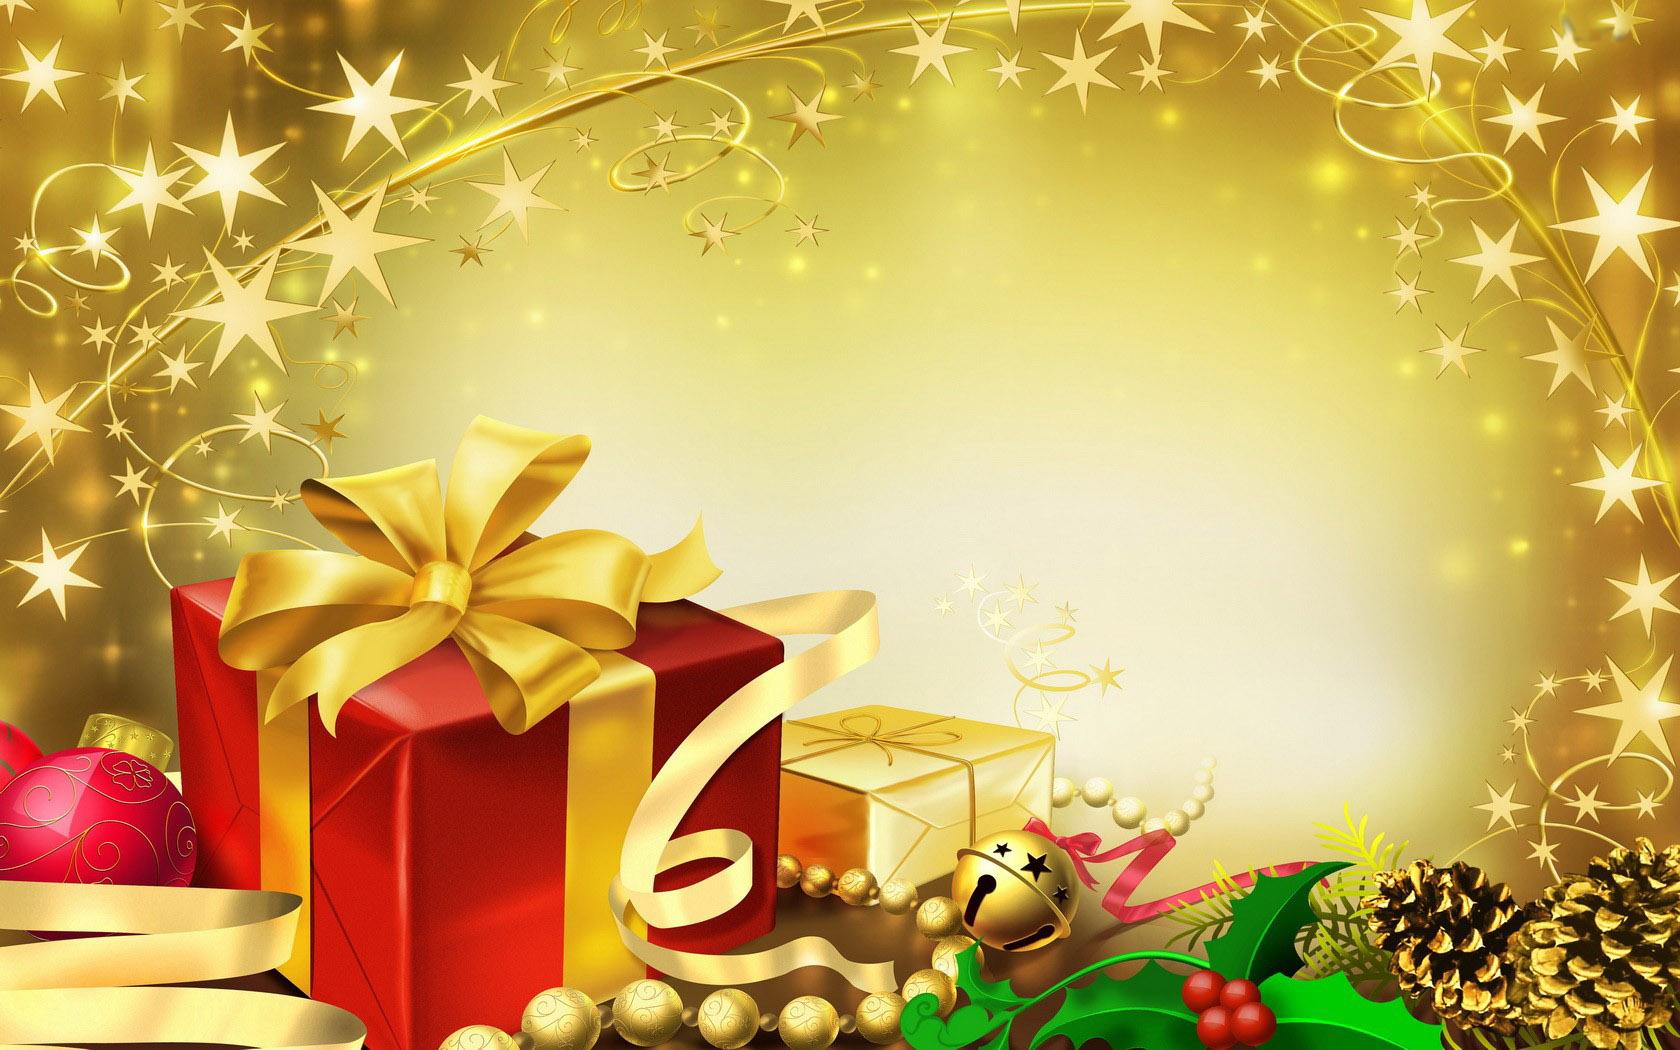 مبروك عيد ميلاد كلا من : barboor (35), صوفي (25), غيث صافي (31)   akaouka (42), kais saidane (44),حسام ابوزناد (28), حسام عبد الحليم احمد (28), حسام مامون ابوزناد (28), زيزو الكنج (28), عز الدين (28), عندليب الحب (26), قيس سعيدان (44), محمد شرع (56) Christmas-gifts-013